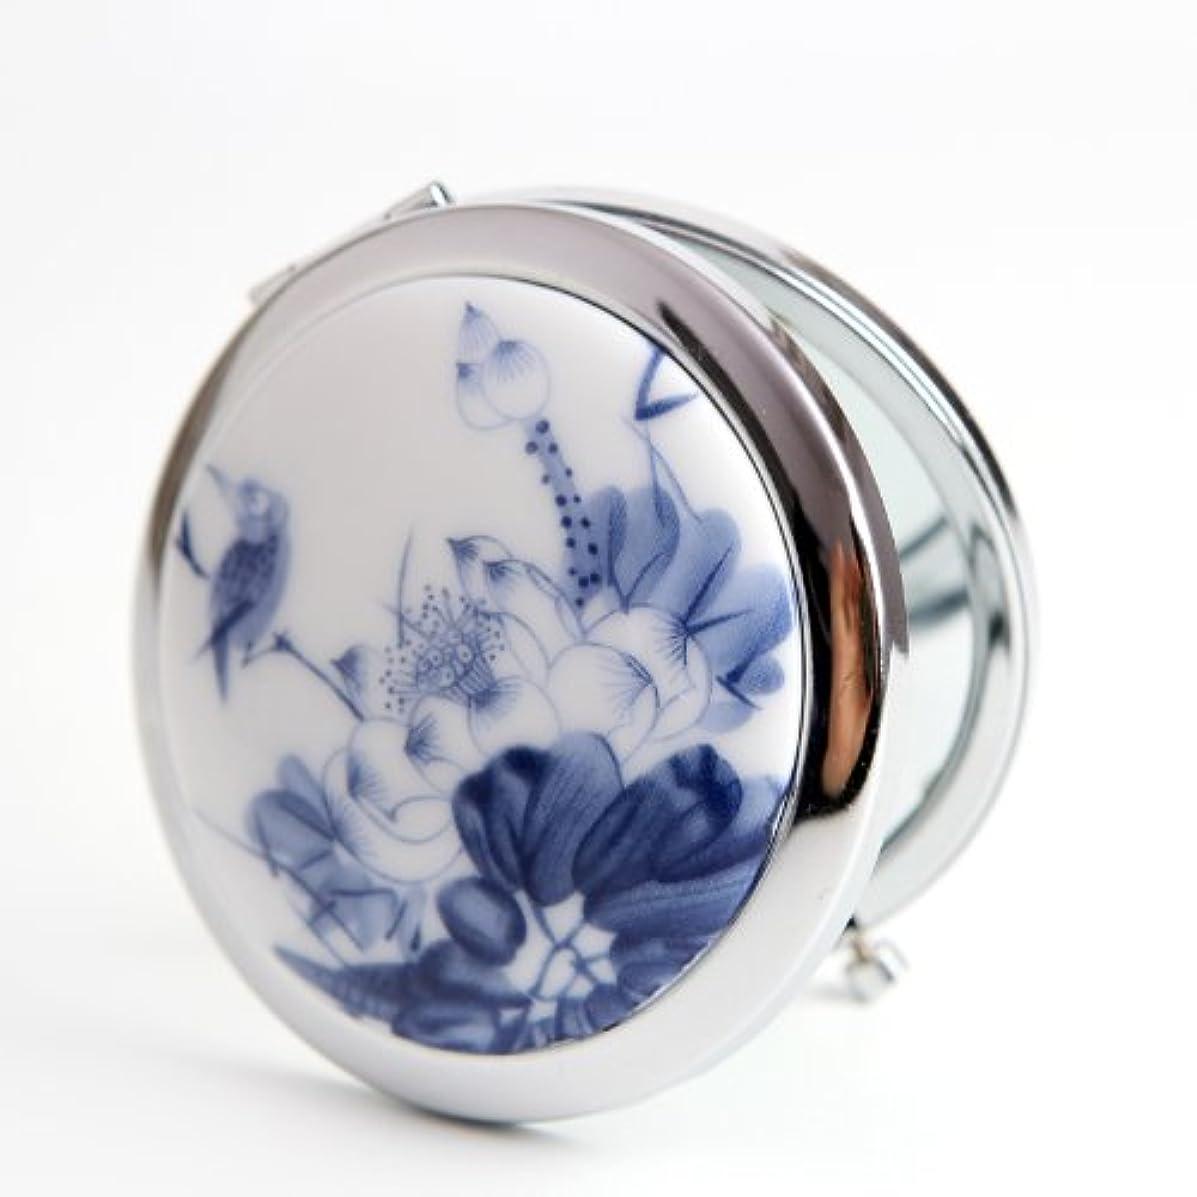 協力する強います迫害する手作り 手鏡 レディース コンパクトミラー 化粧鏡 携帯ミラー 細かなメイクや日々のスキンケアに最適!